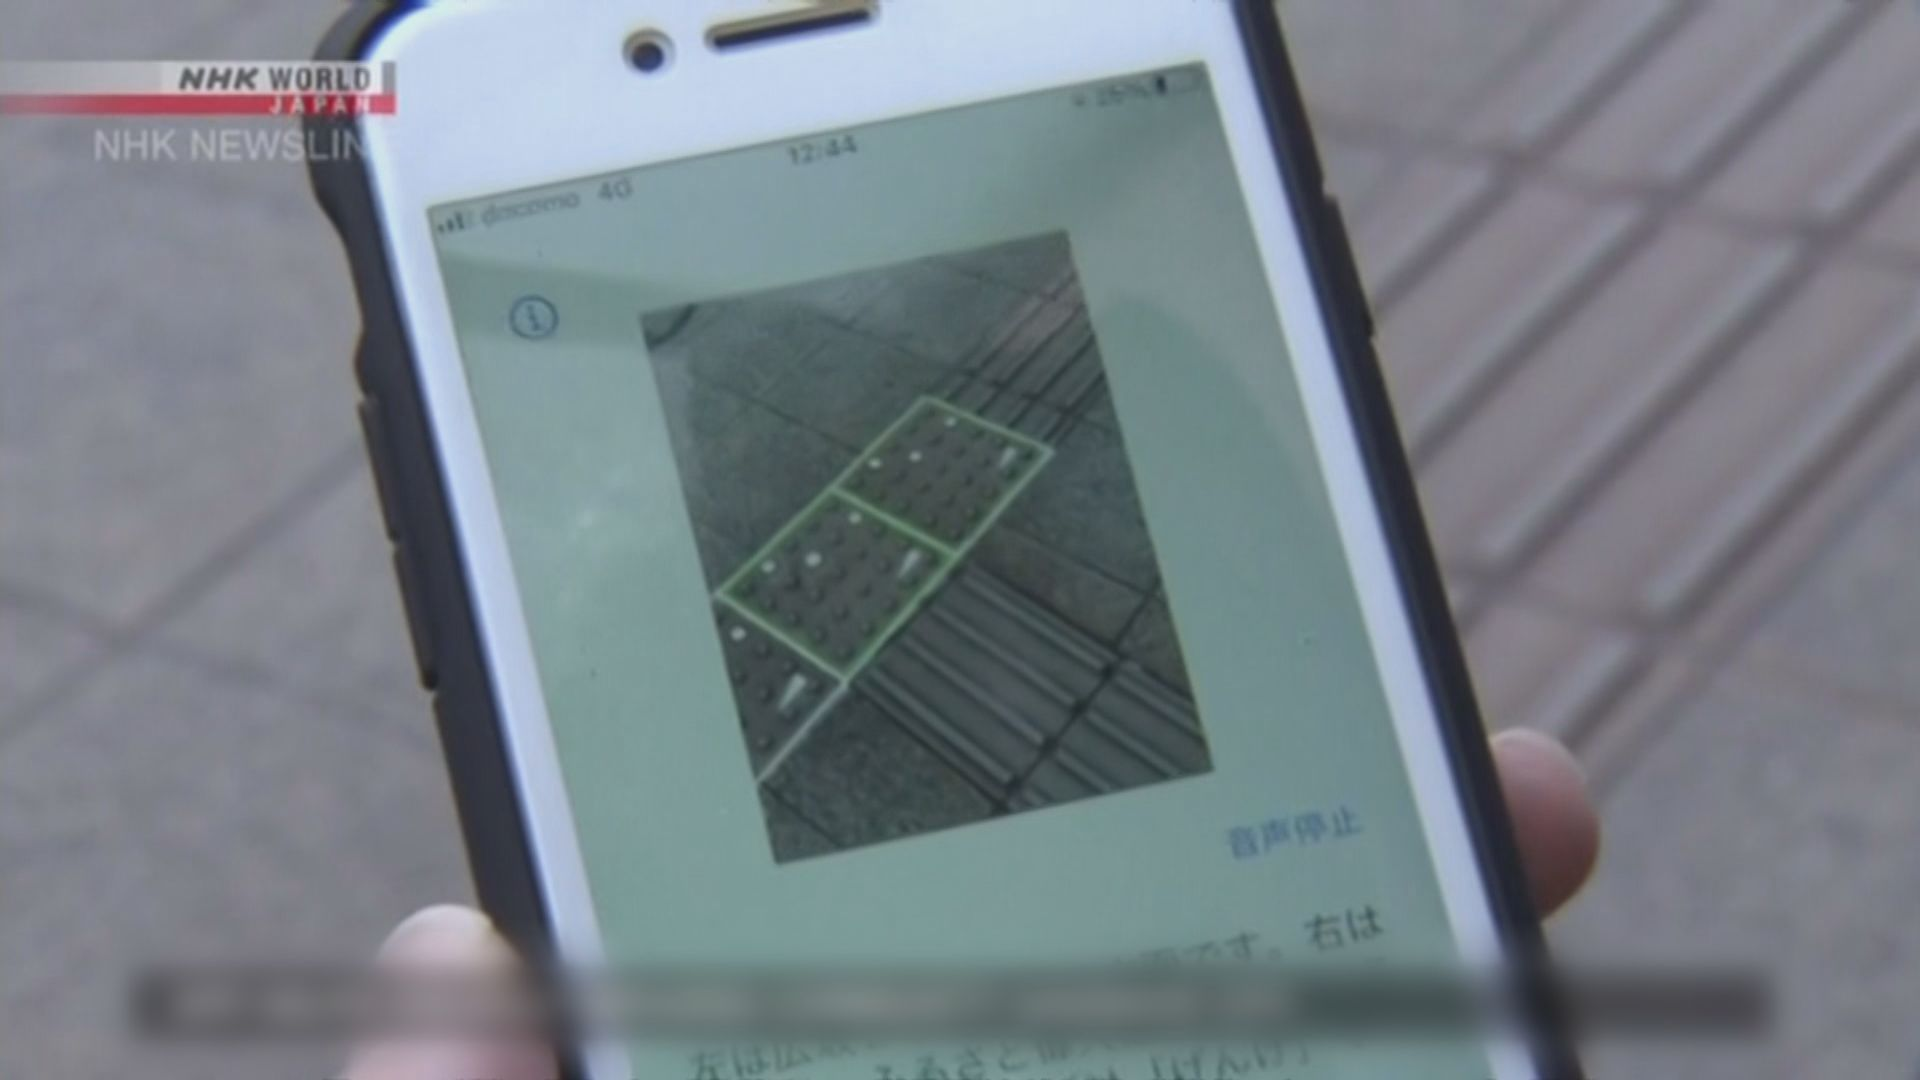 日本有應用程式助視障人士規劃行程